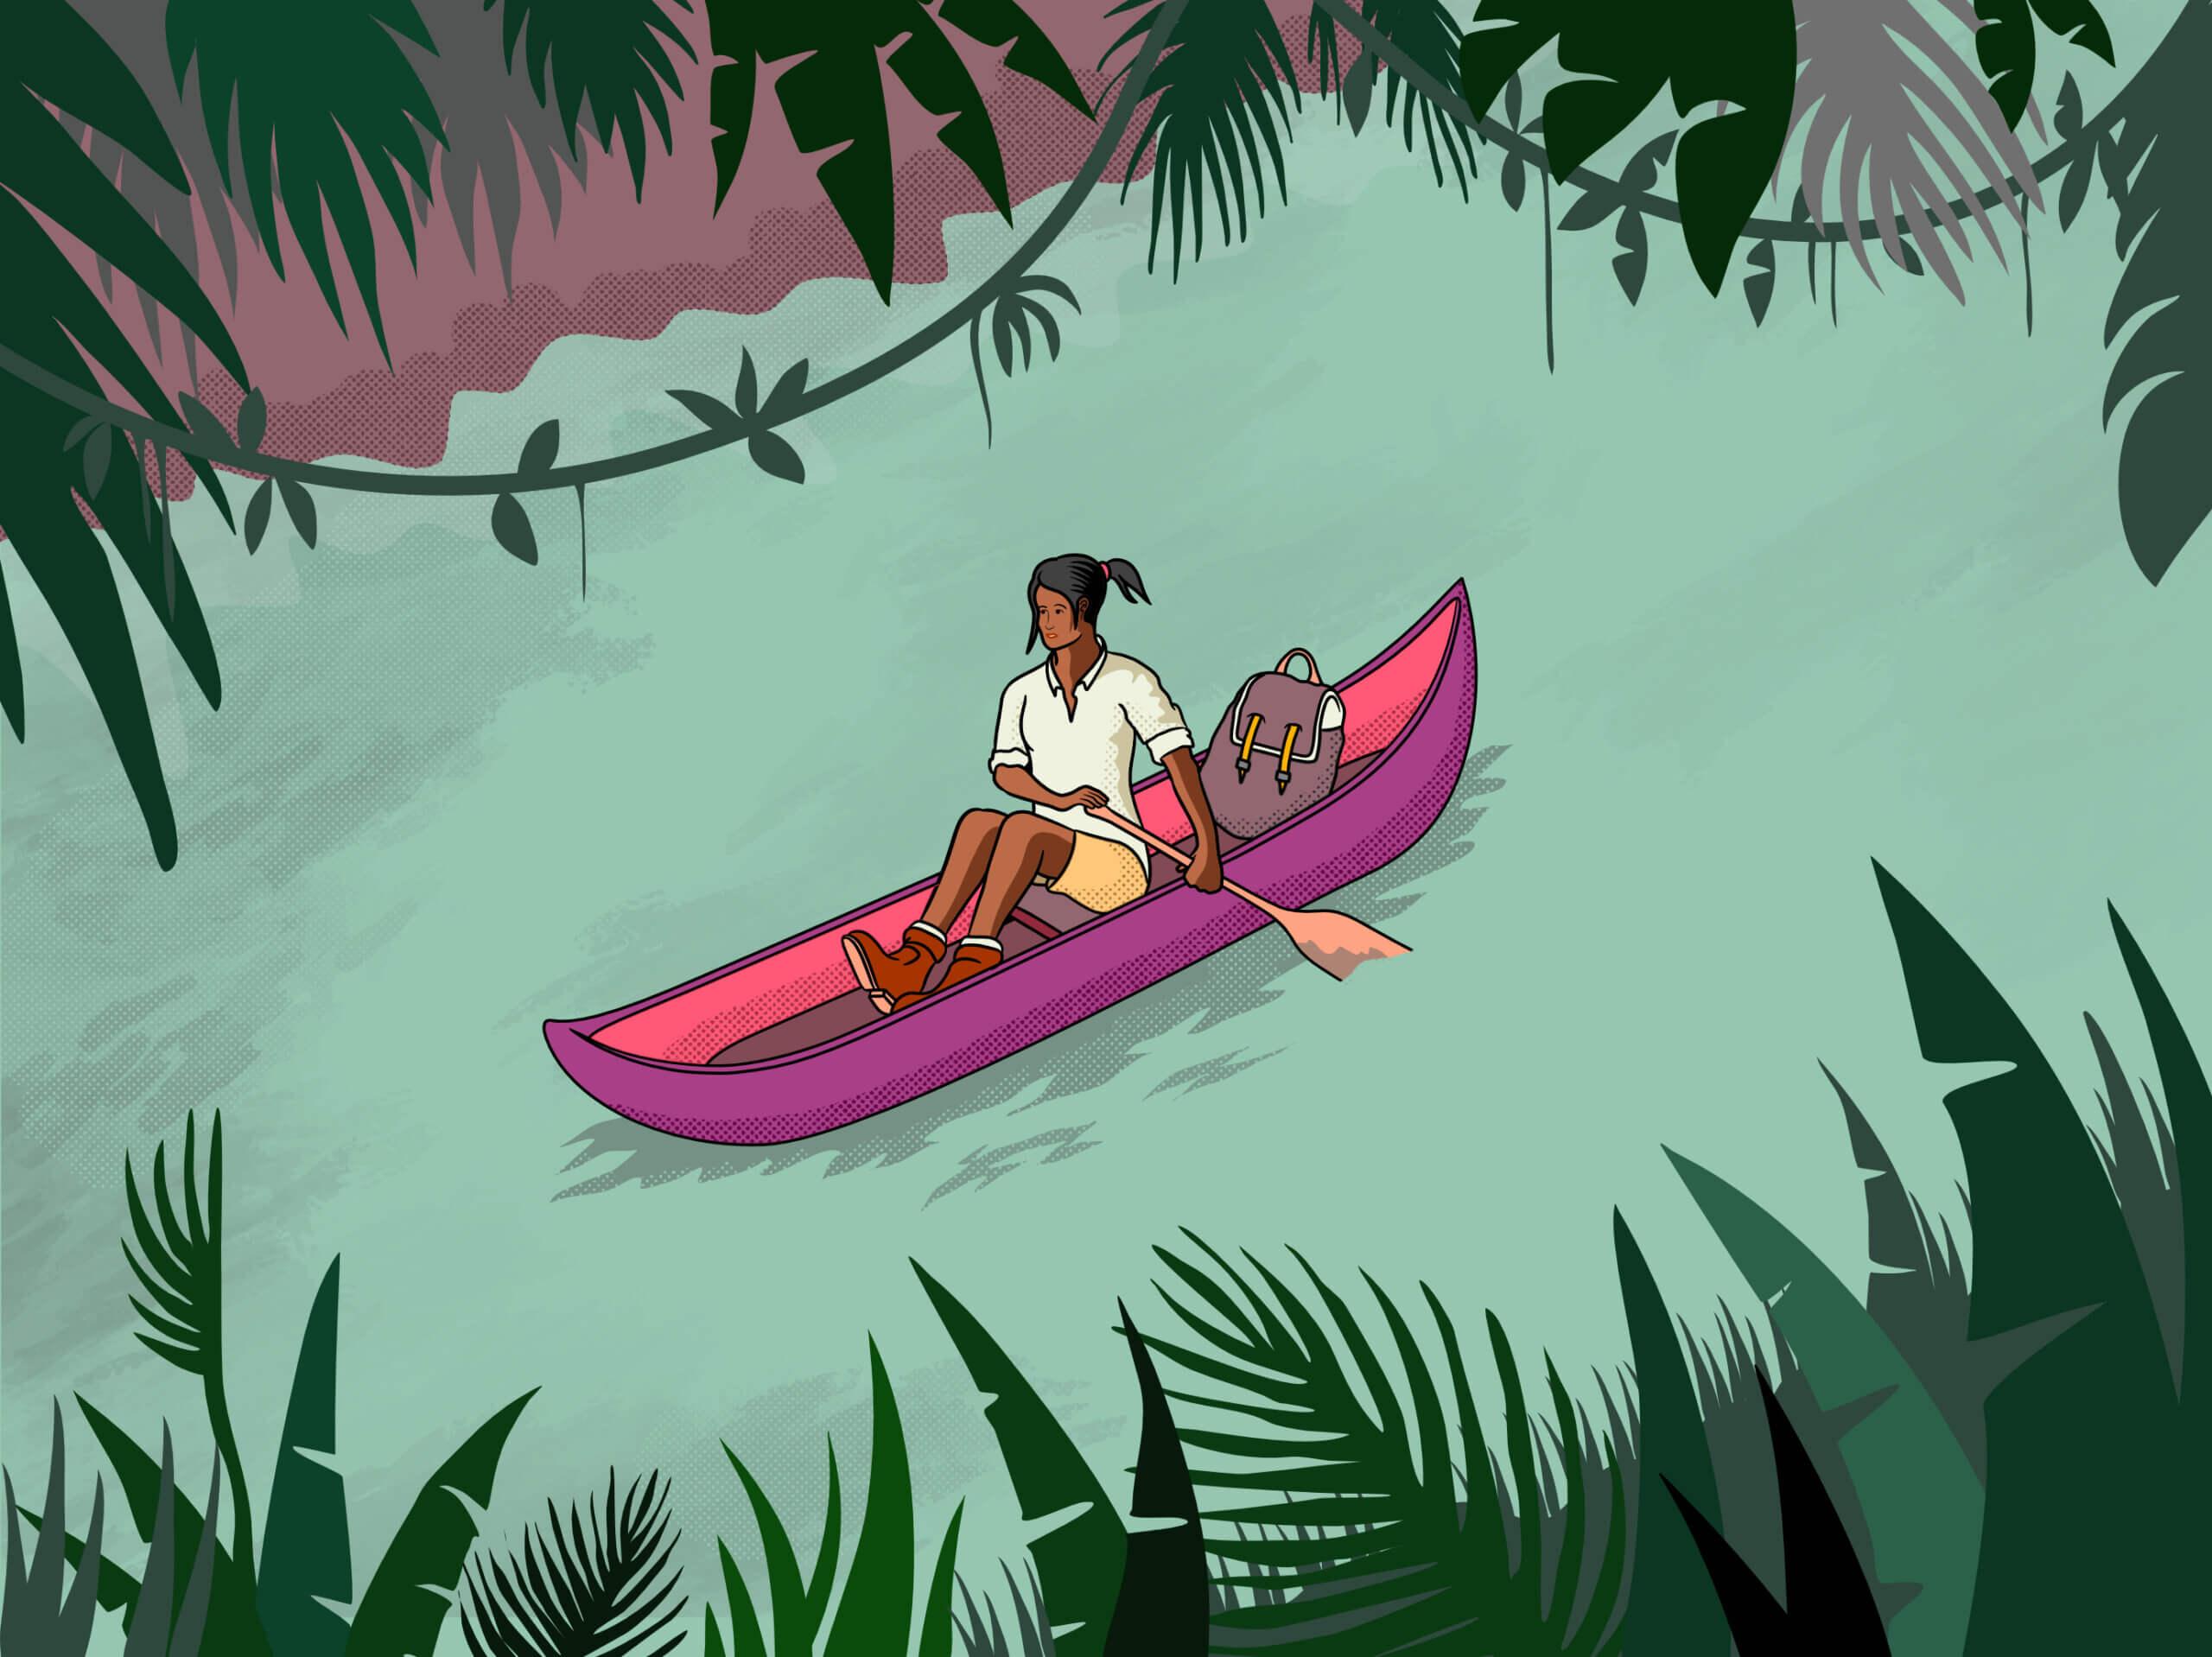 Kayak through the Jungle